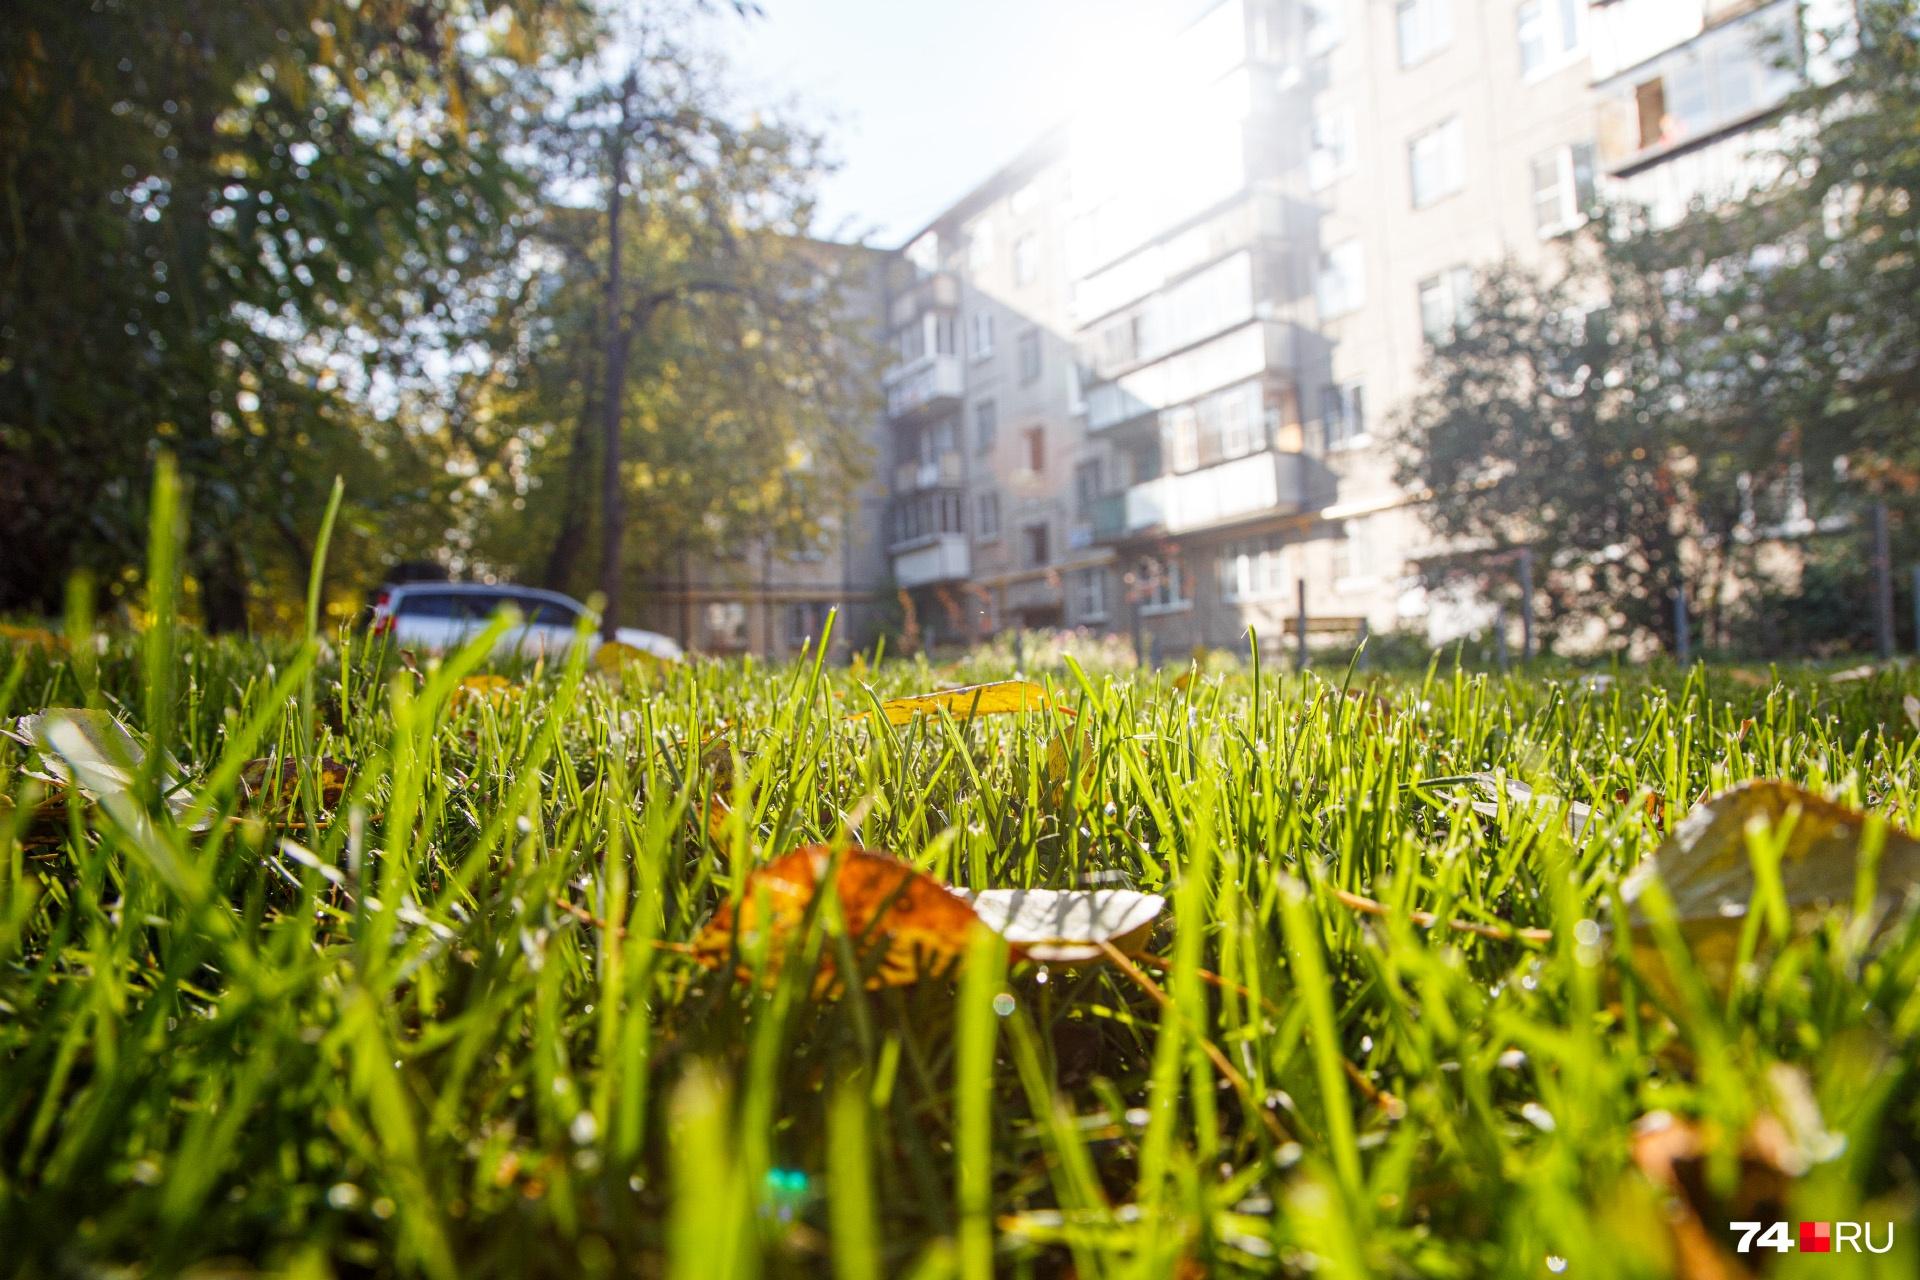 Теперь под окнами у жителей сочный газон, где летом можно не только поиграть в мяч, но и позагорать